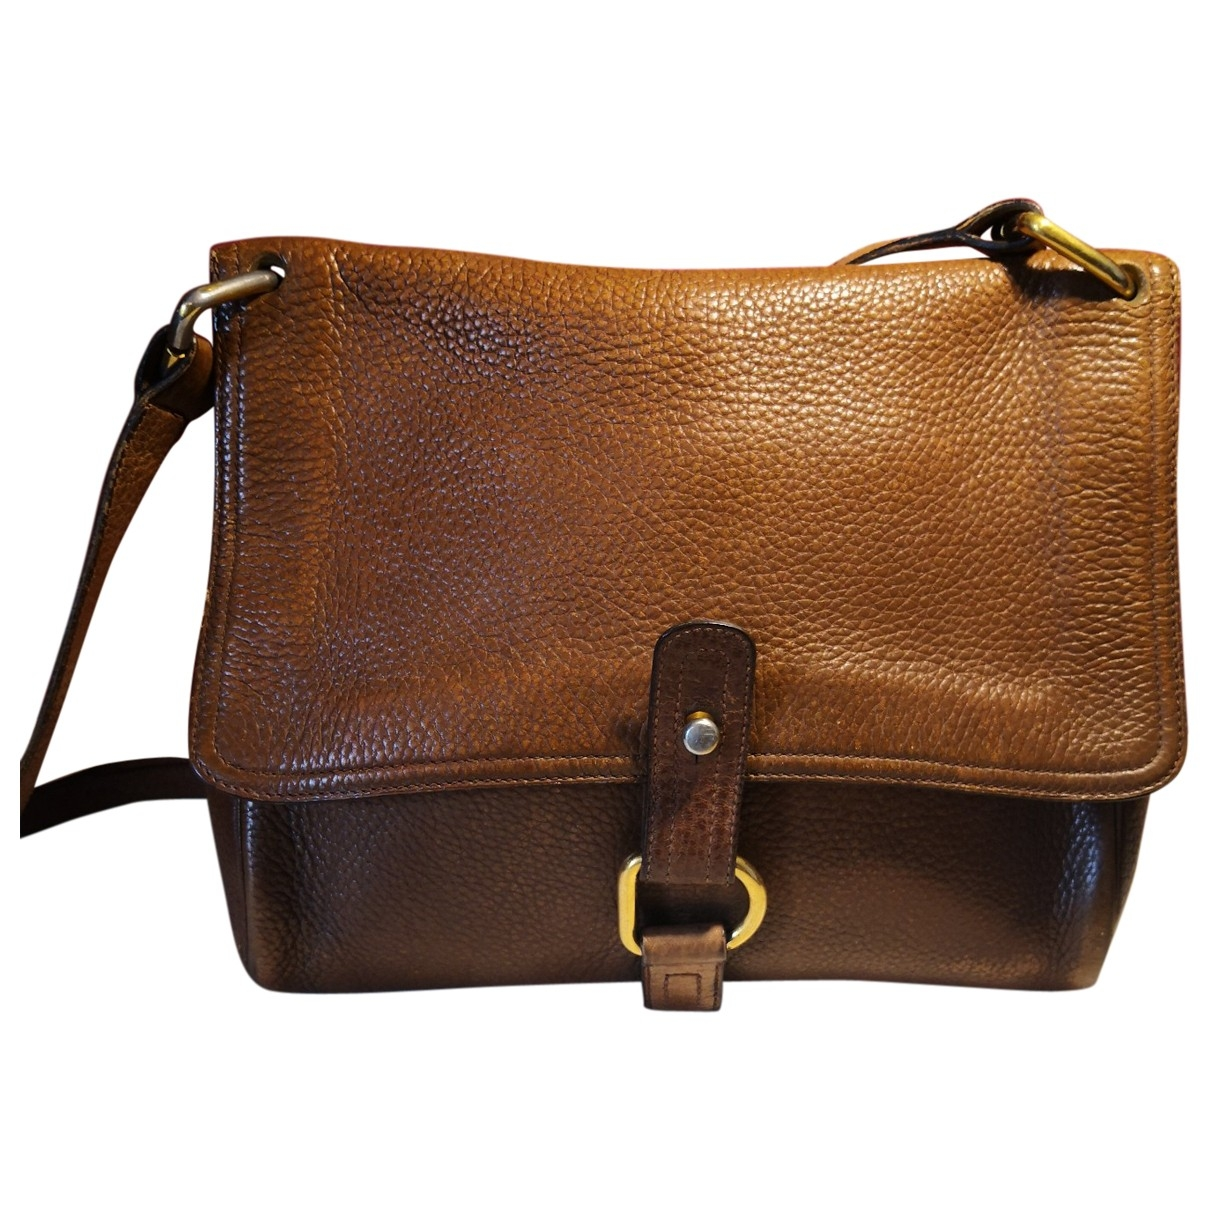 Delvaux \N Handtasche in  Kamel Leder